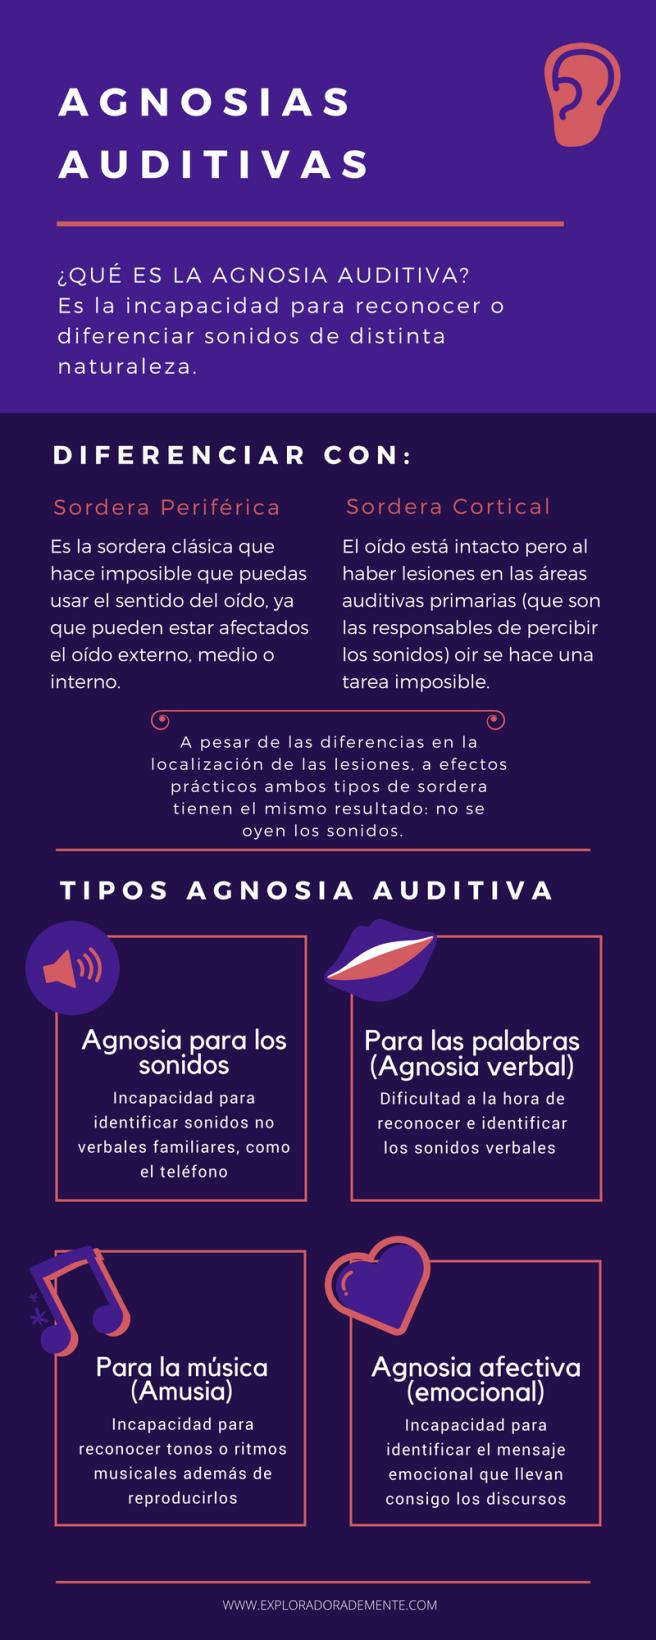 AGNOSIAS AUDITIVAS (3)